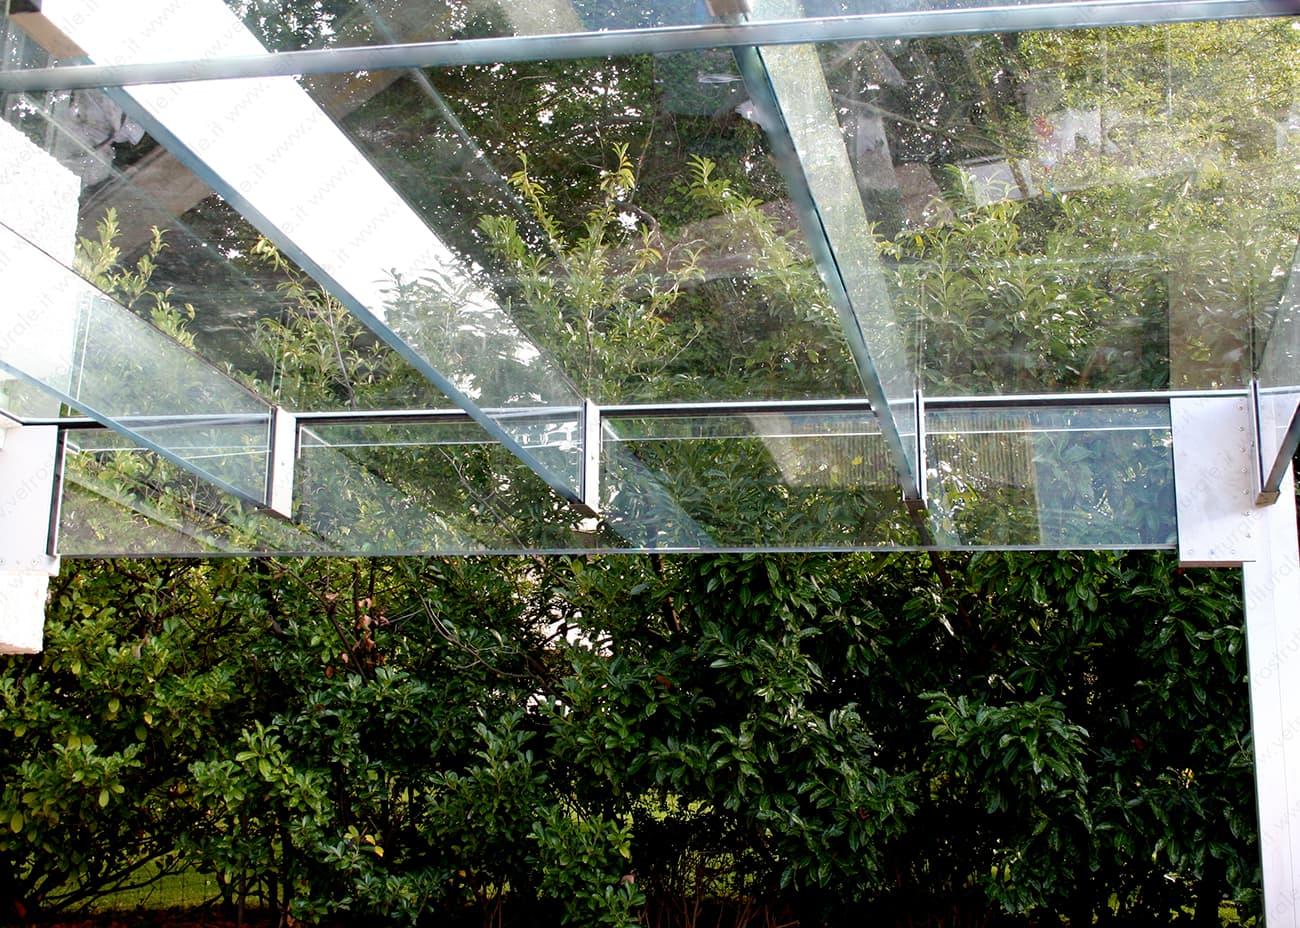 l'architettura del Canopy rappresenta un perfetto equilibrio estetico con l'ambiente naturale circostante in ogni stagione - autunno